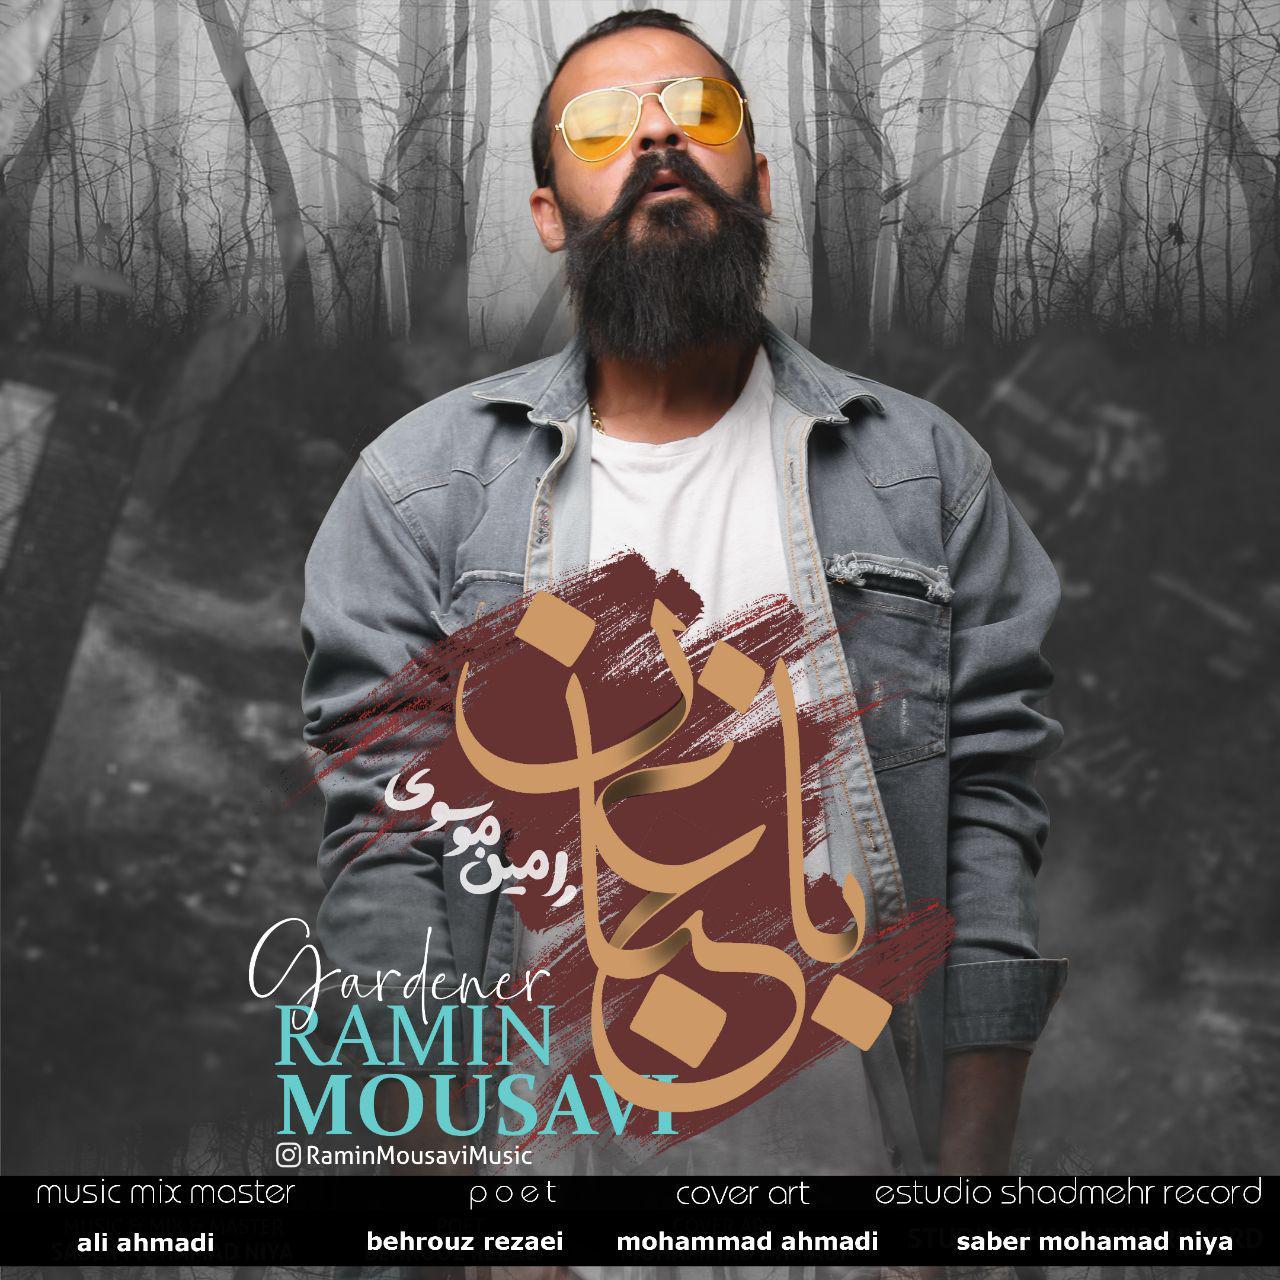 دانلود آهنگ جدید رامین موسوی باغبان